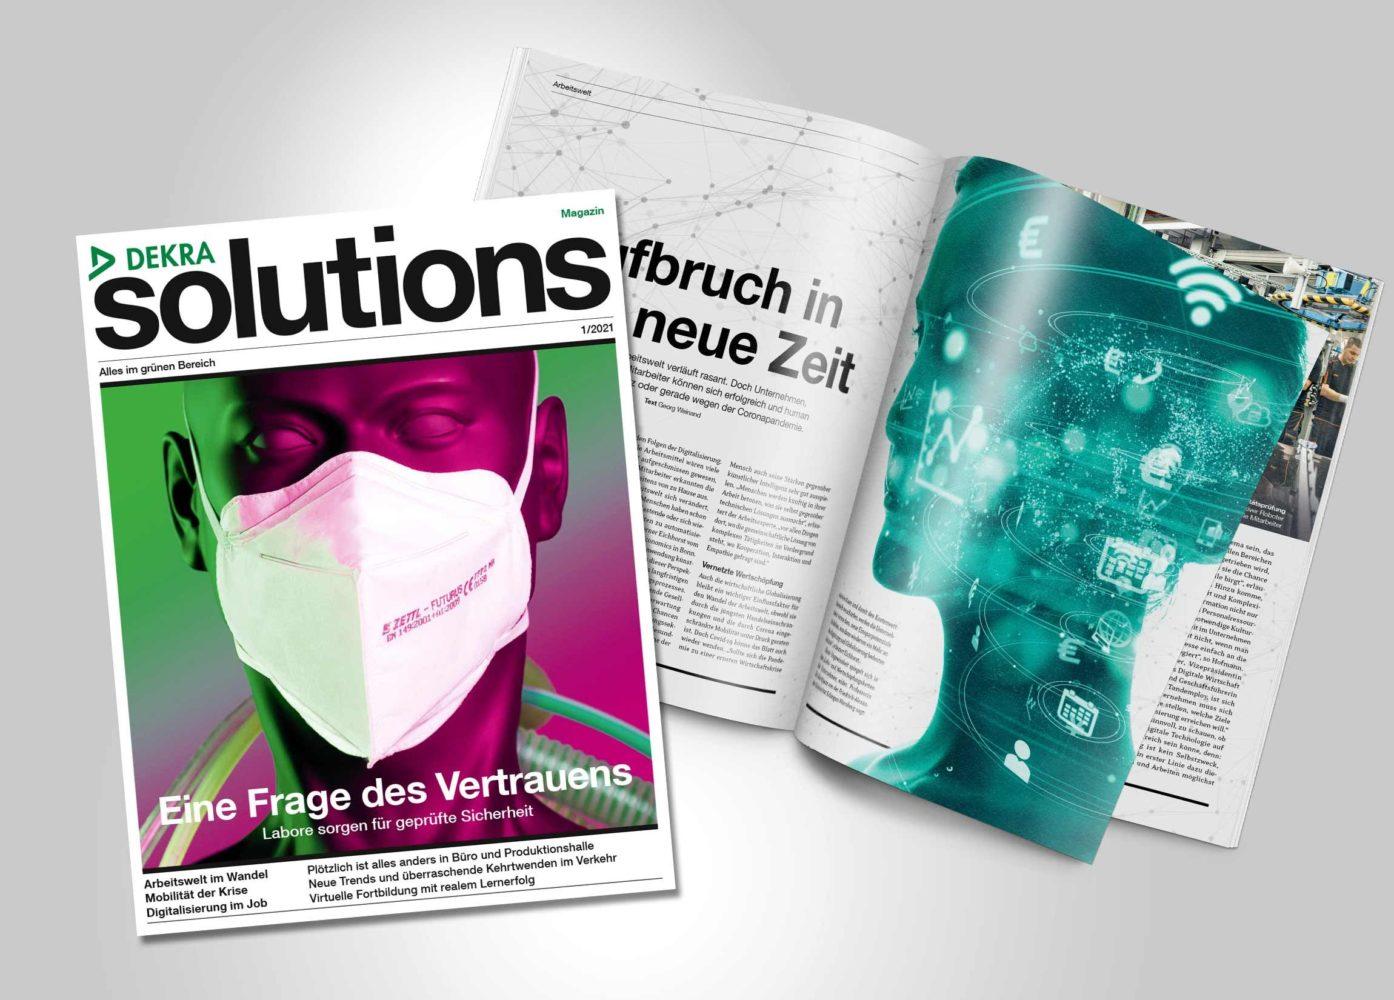 Blättern Sie hier im aktuellen DEKRA solutions Magazin 1/2021